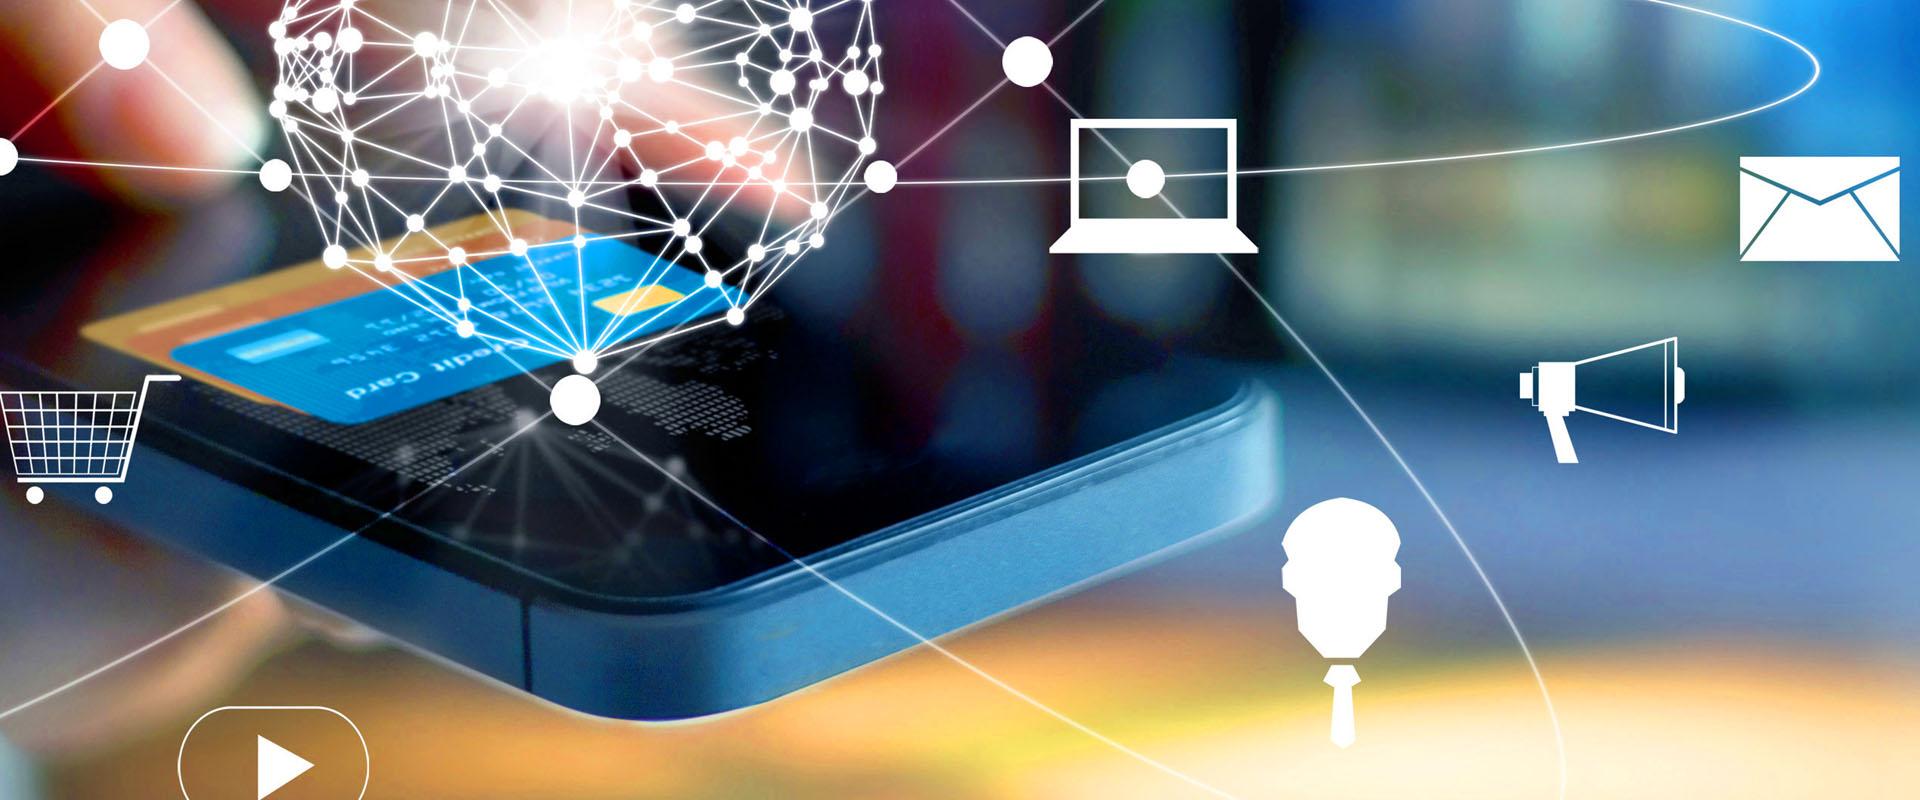 數位浪潮下的企業轉型決勝點-『數位轉型AI化』線上講座